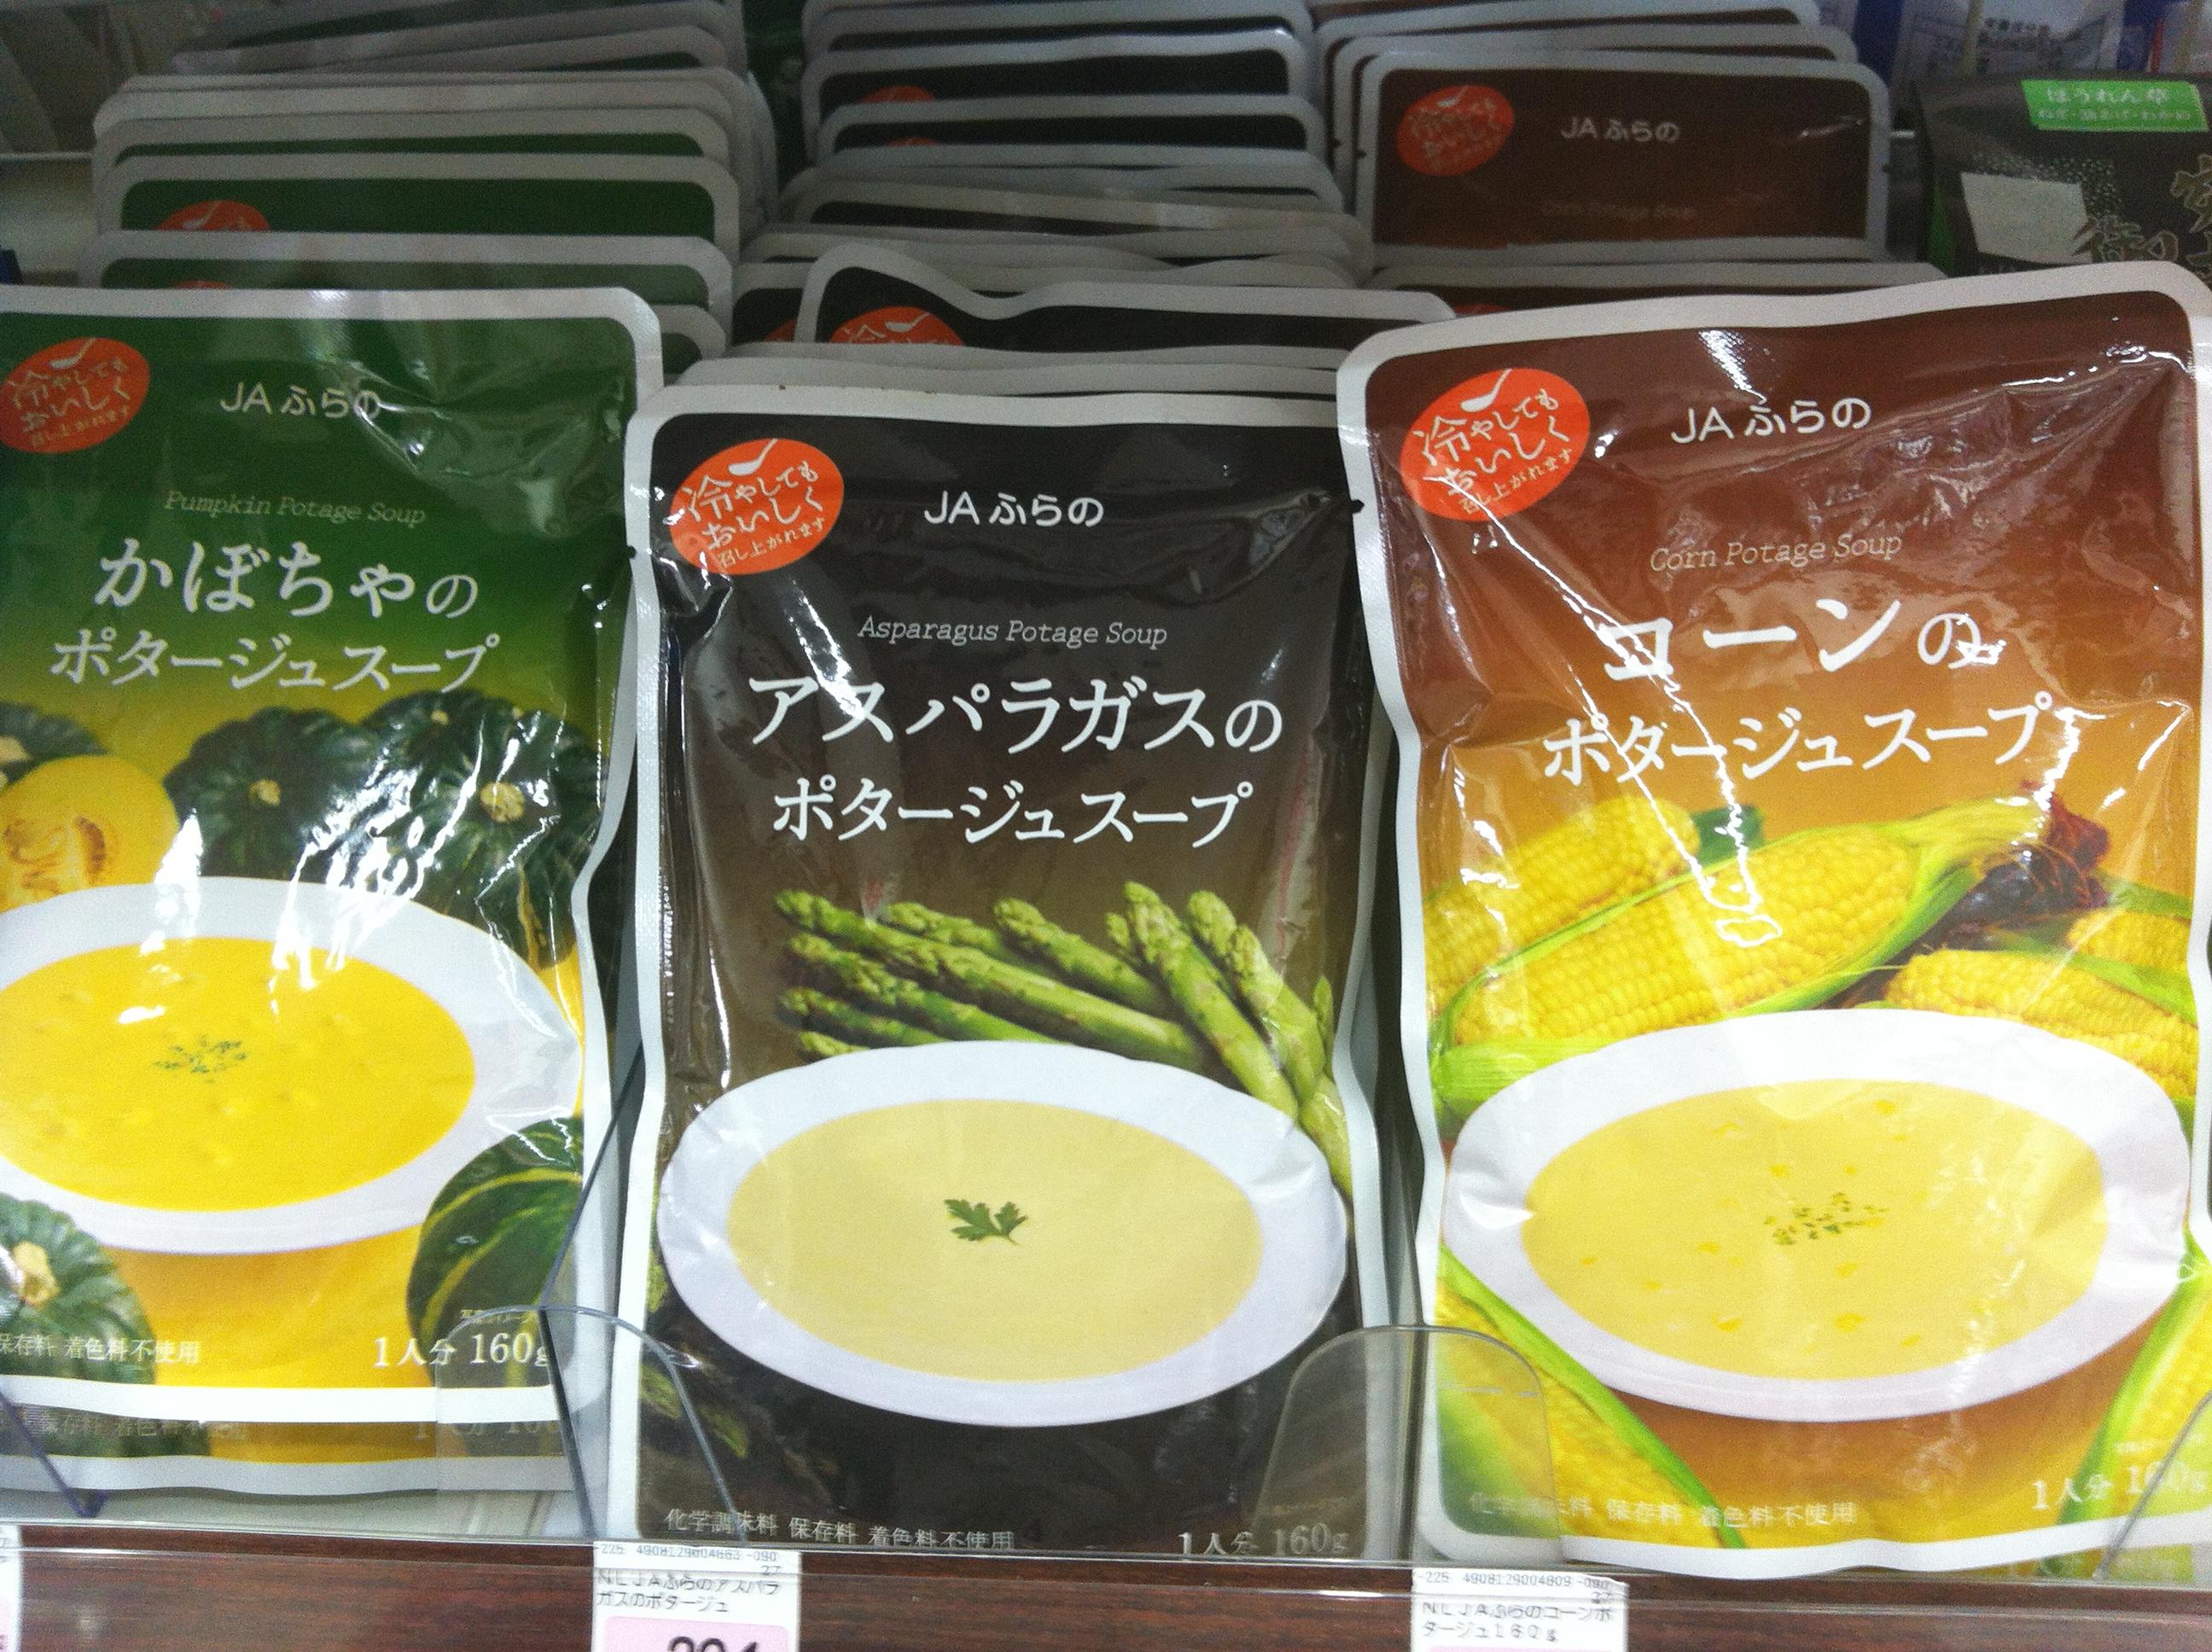 Retort pouch soup.